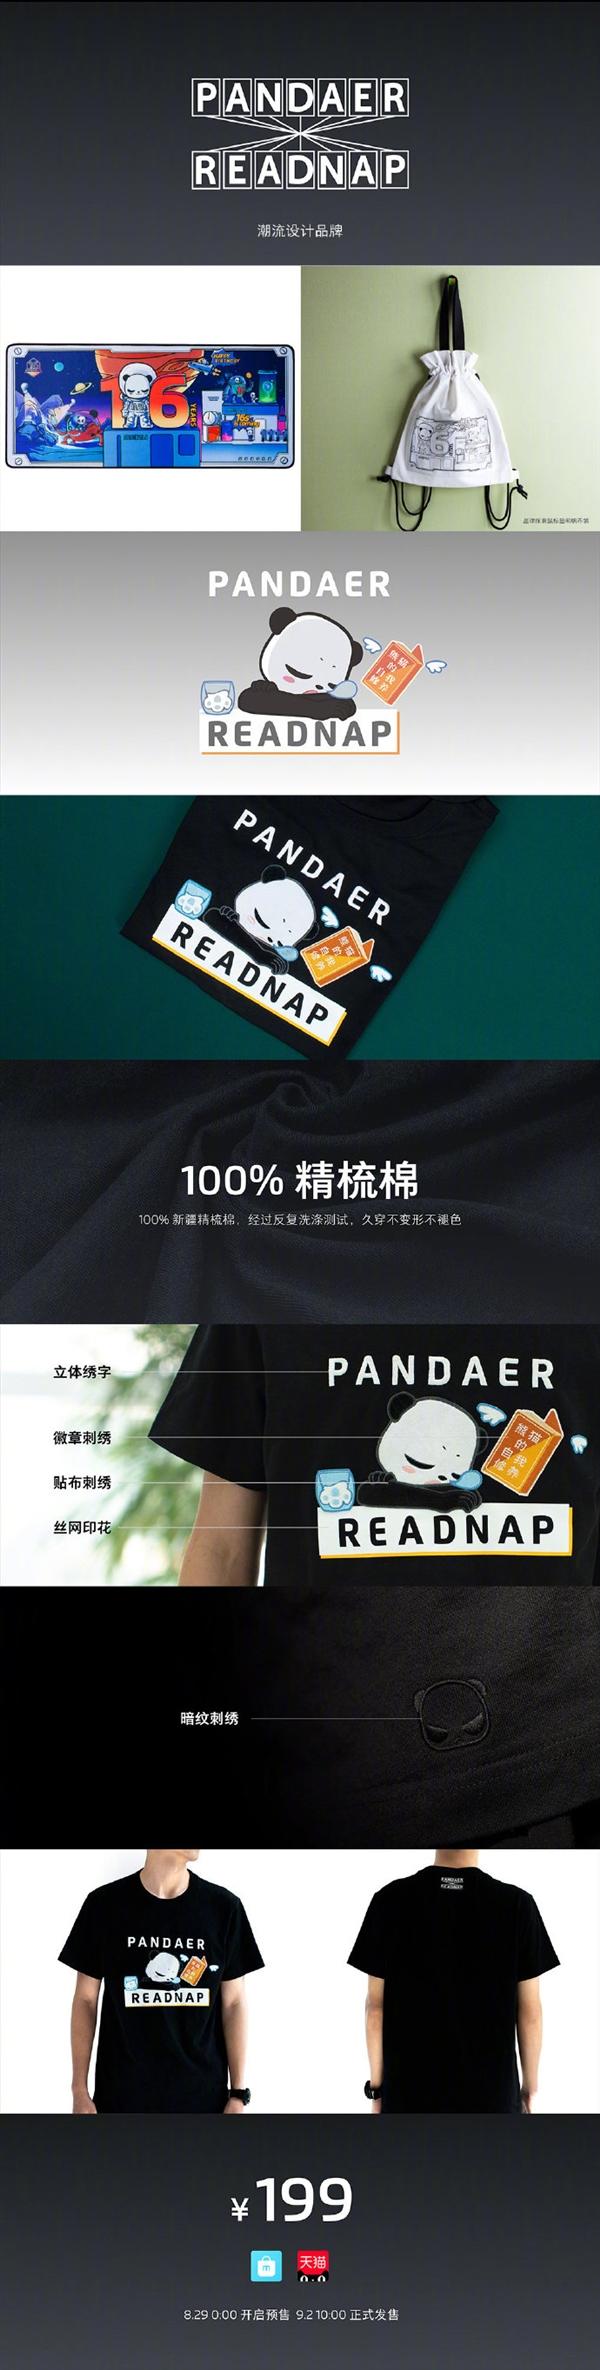 魅族Readnap T恤发布:100%精梳棉 久穿不变形不褪色